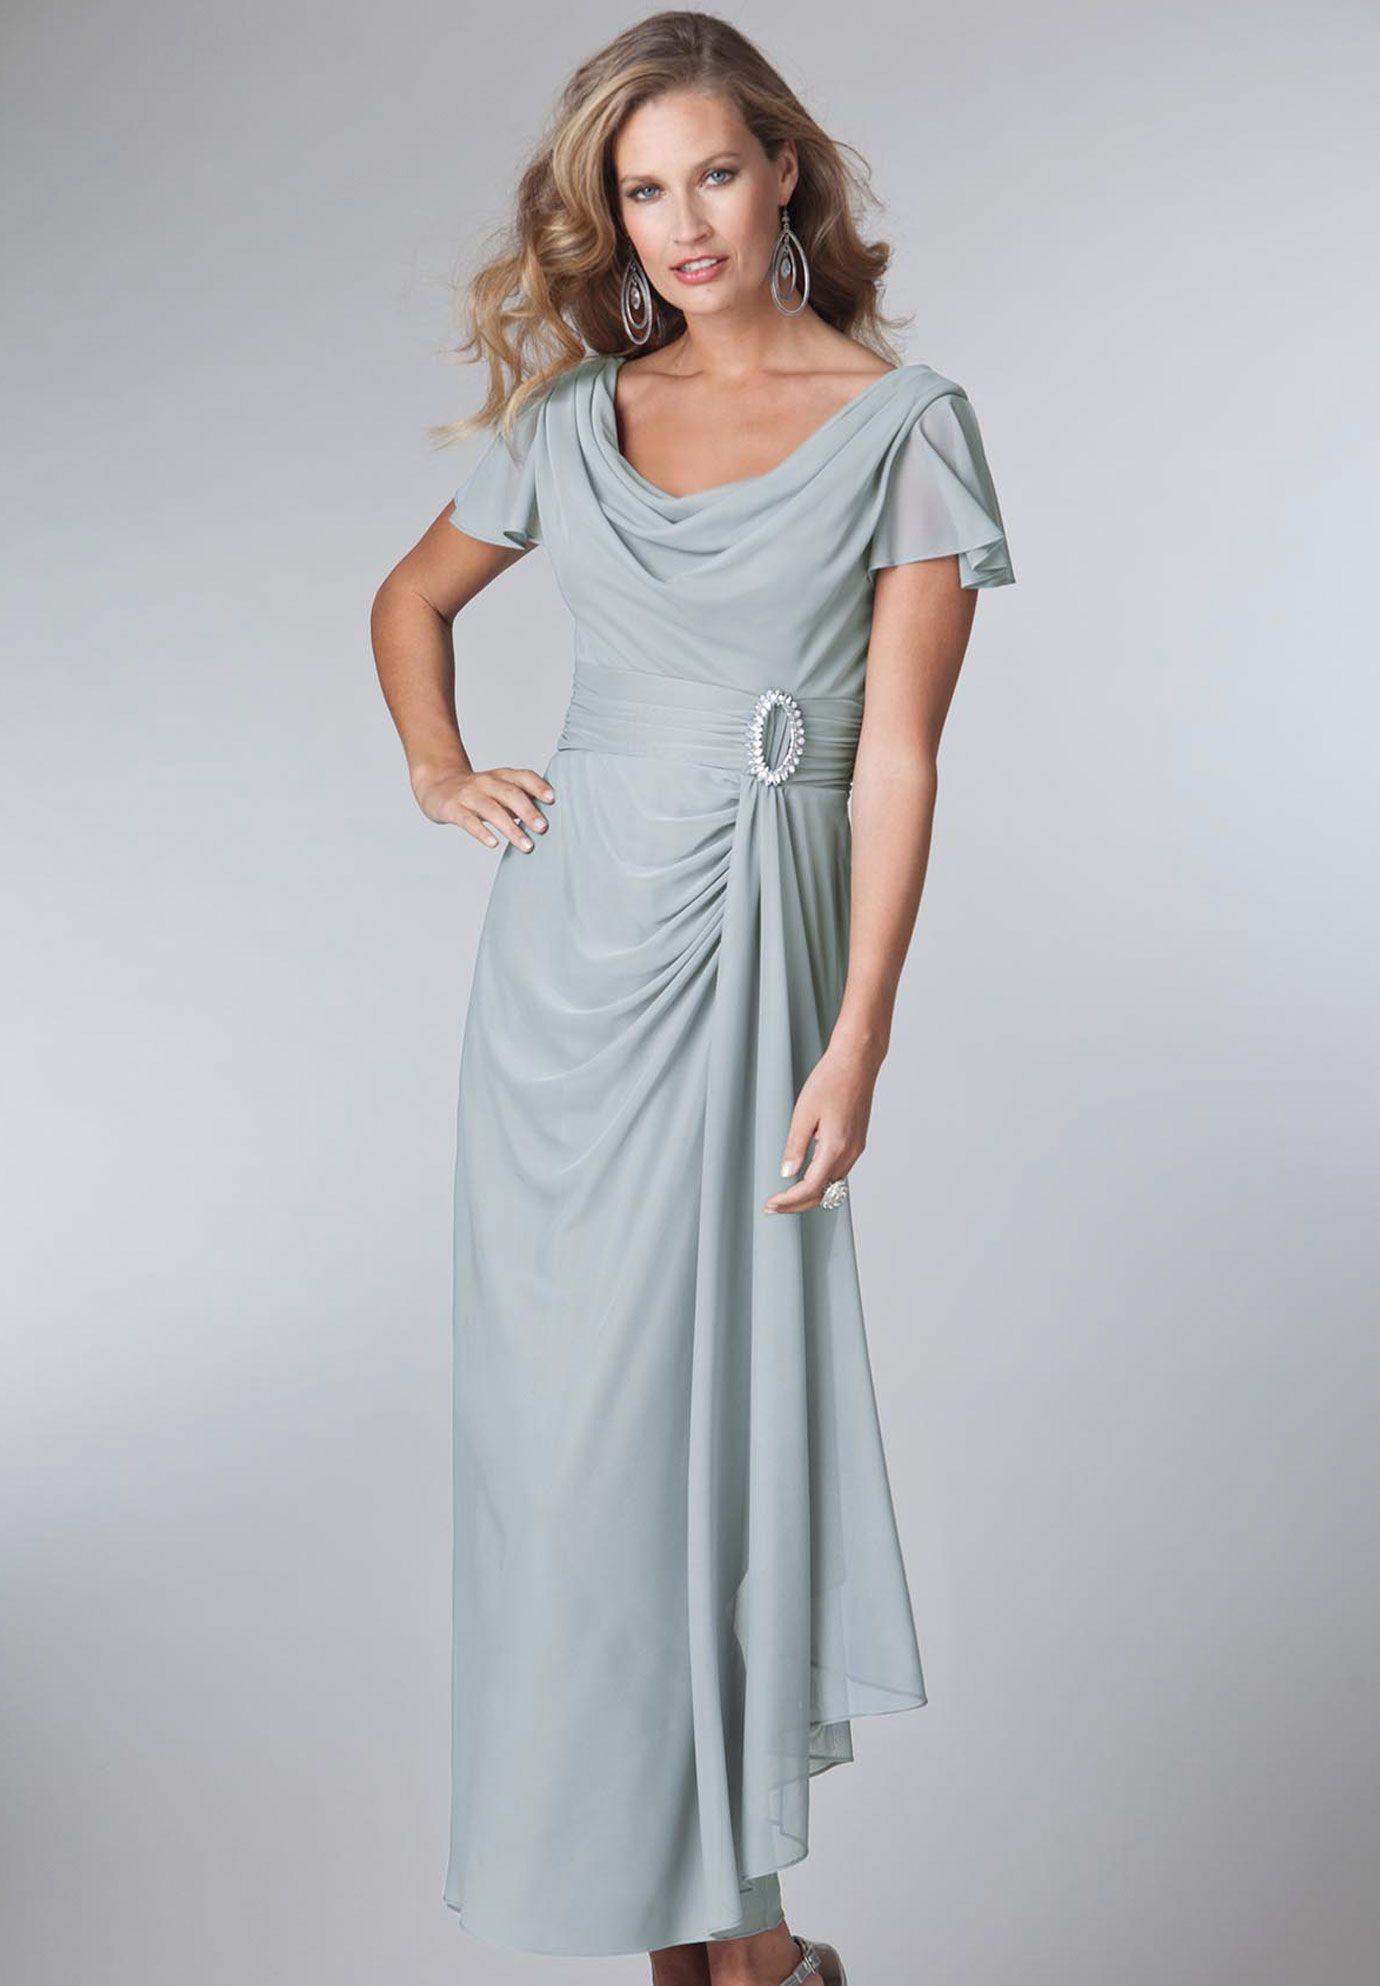 Plus Size Draped Jewel Empire Waist Gown   Plus Size Bride   Roamans ...